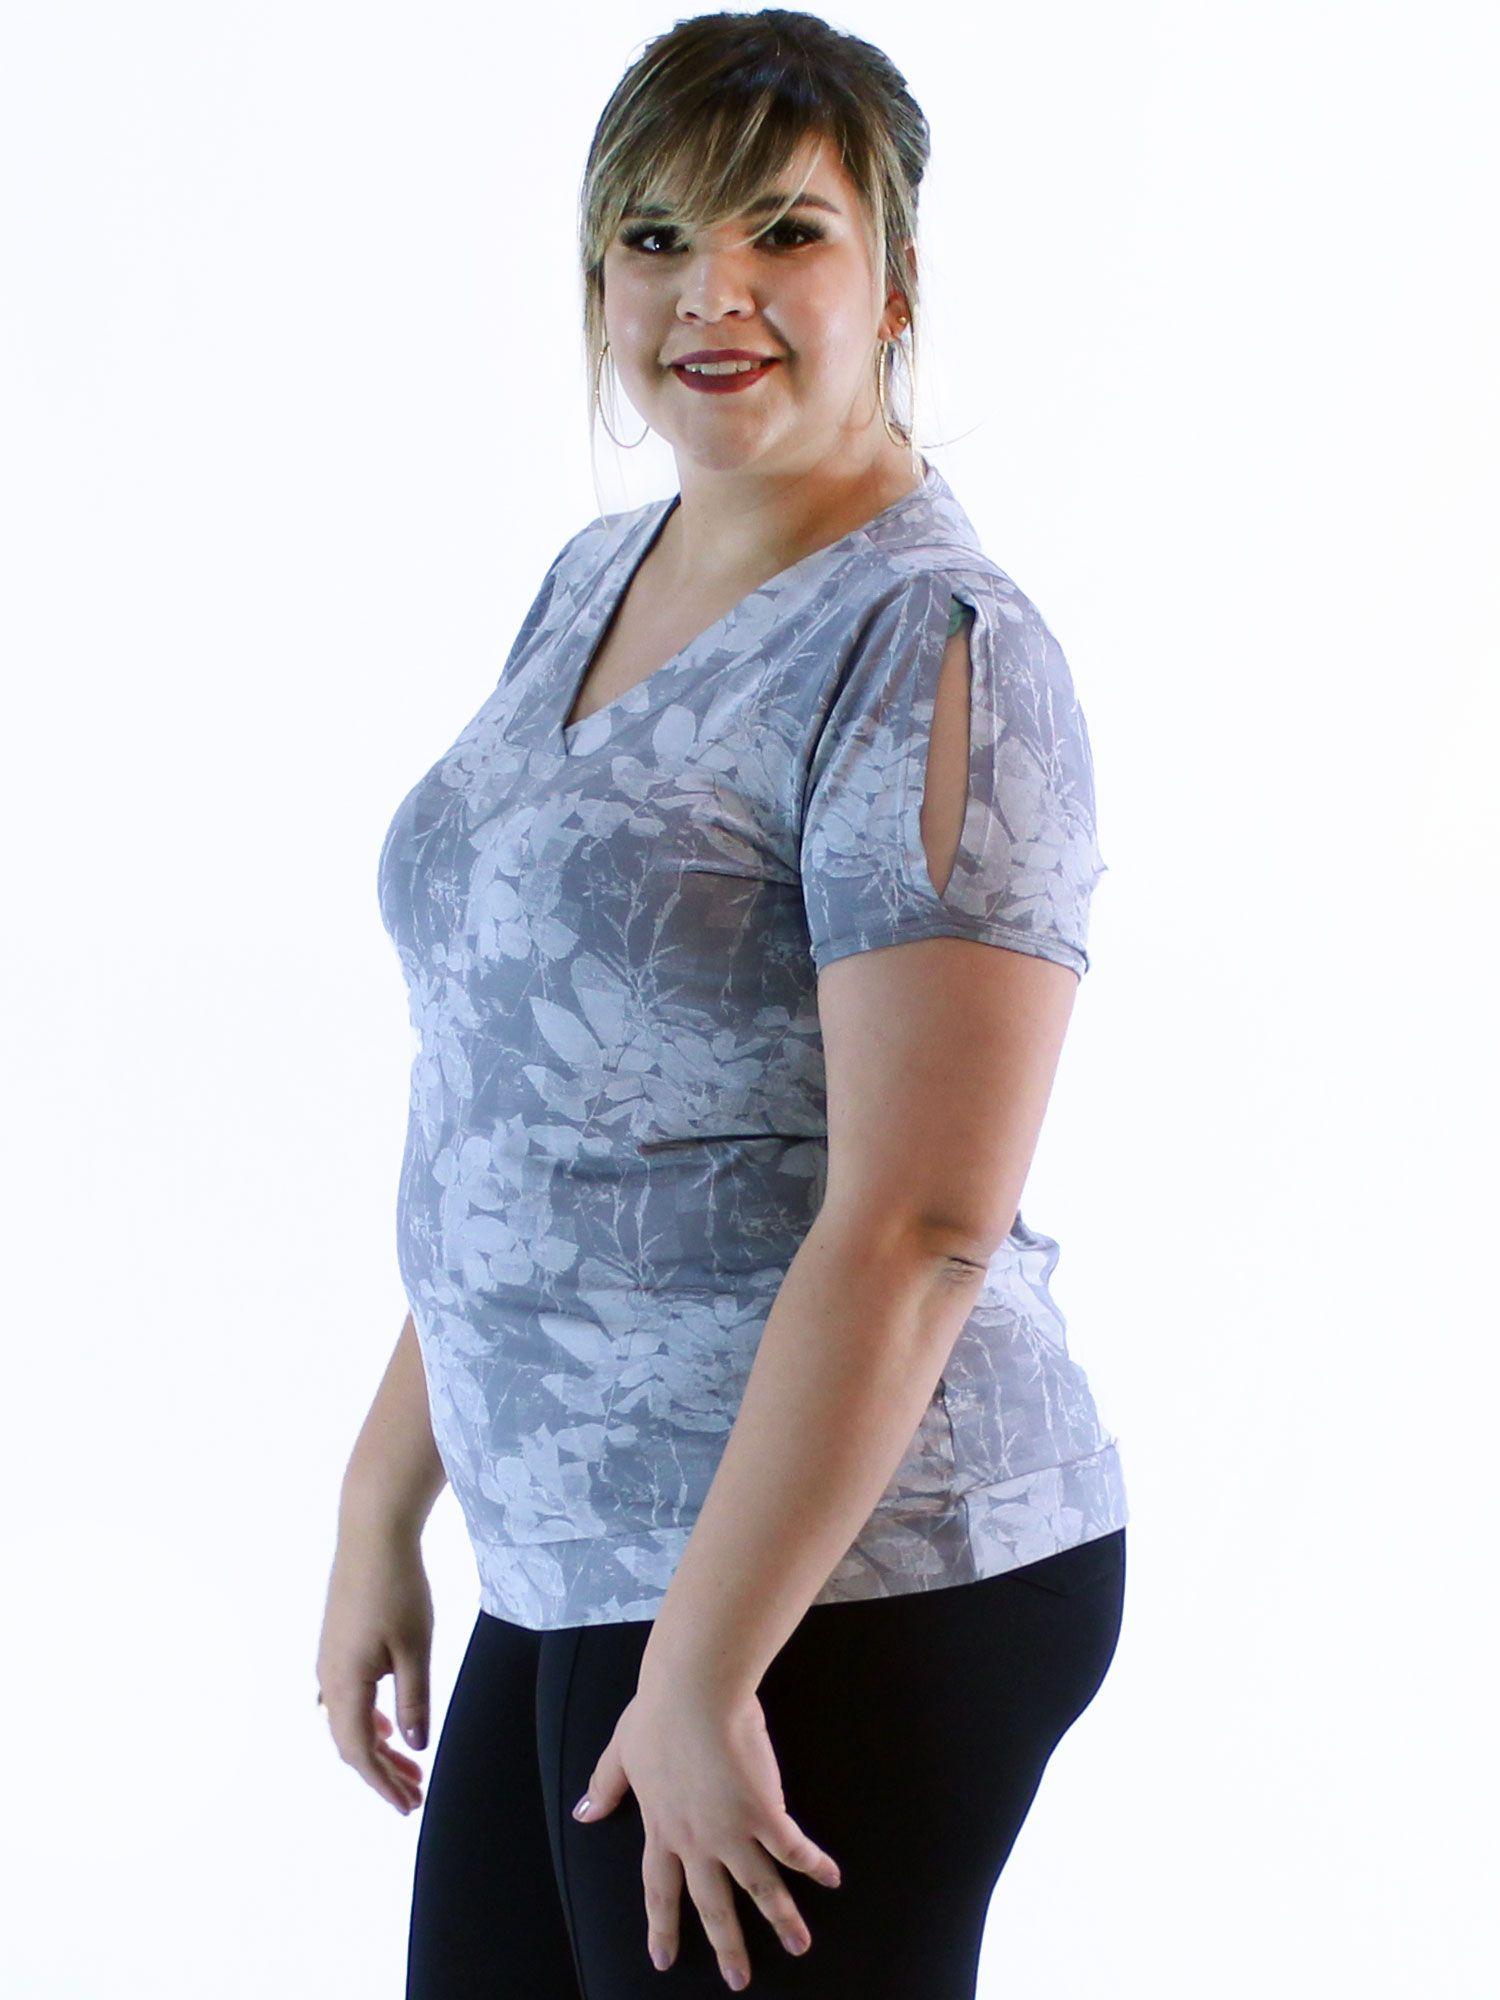 Blusa Plus Size KTS Estampada Decote Diferenciada Cinza